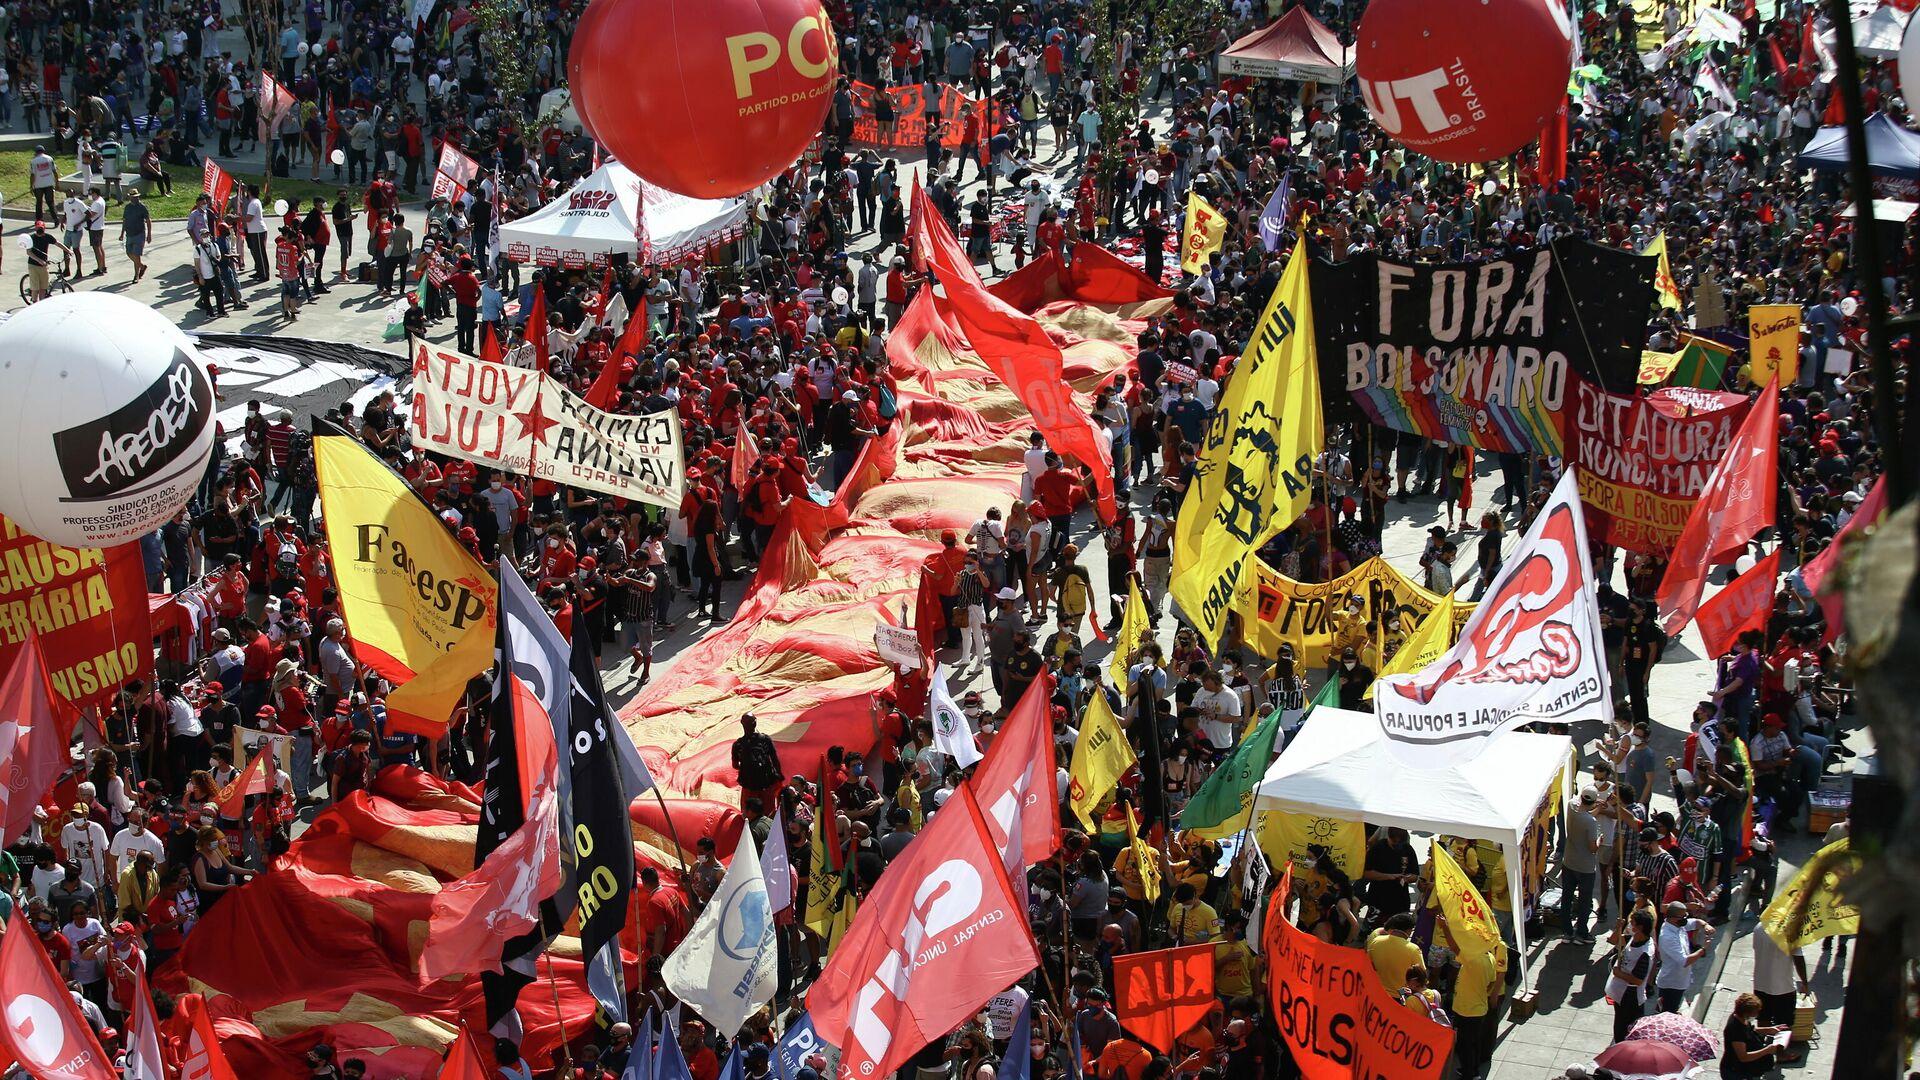 Protestas en Brasil contra Bolsonaro - Sputnik Mundo, 1920, 01.10.2021